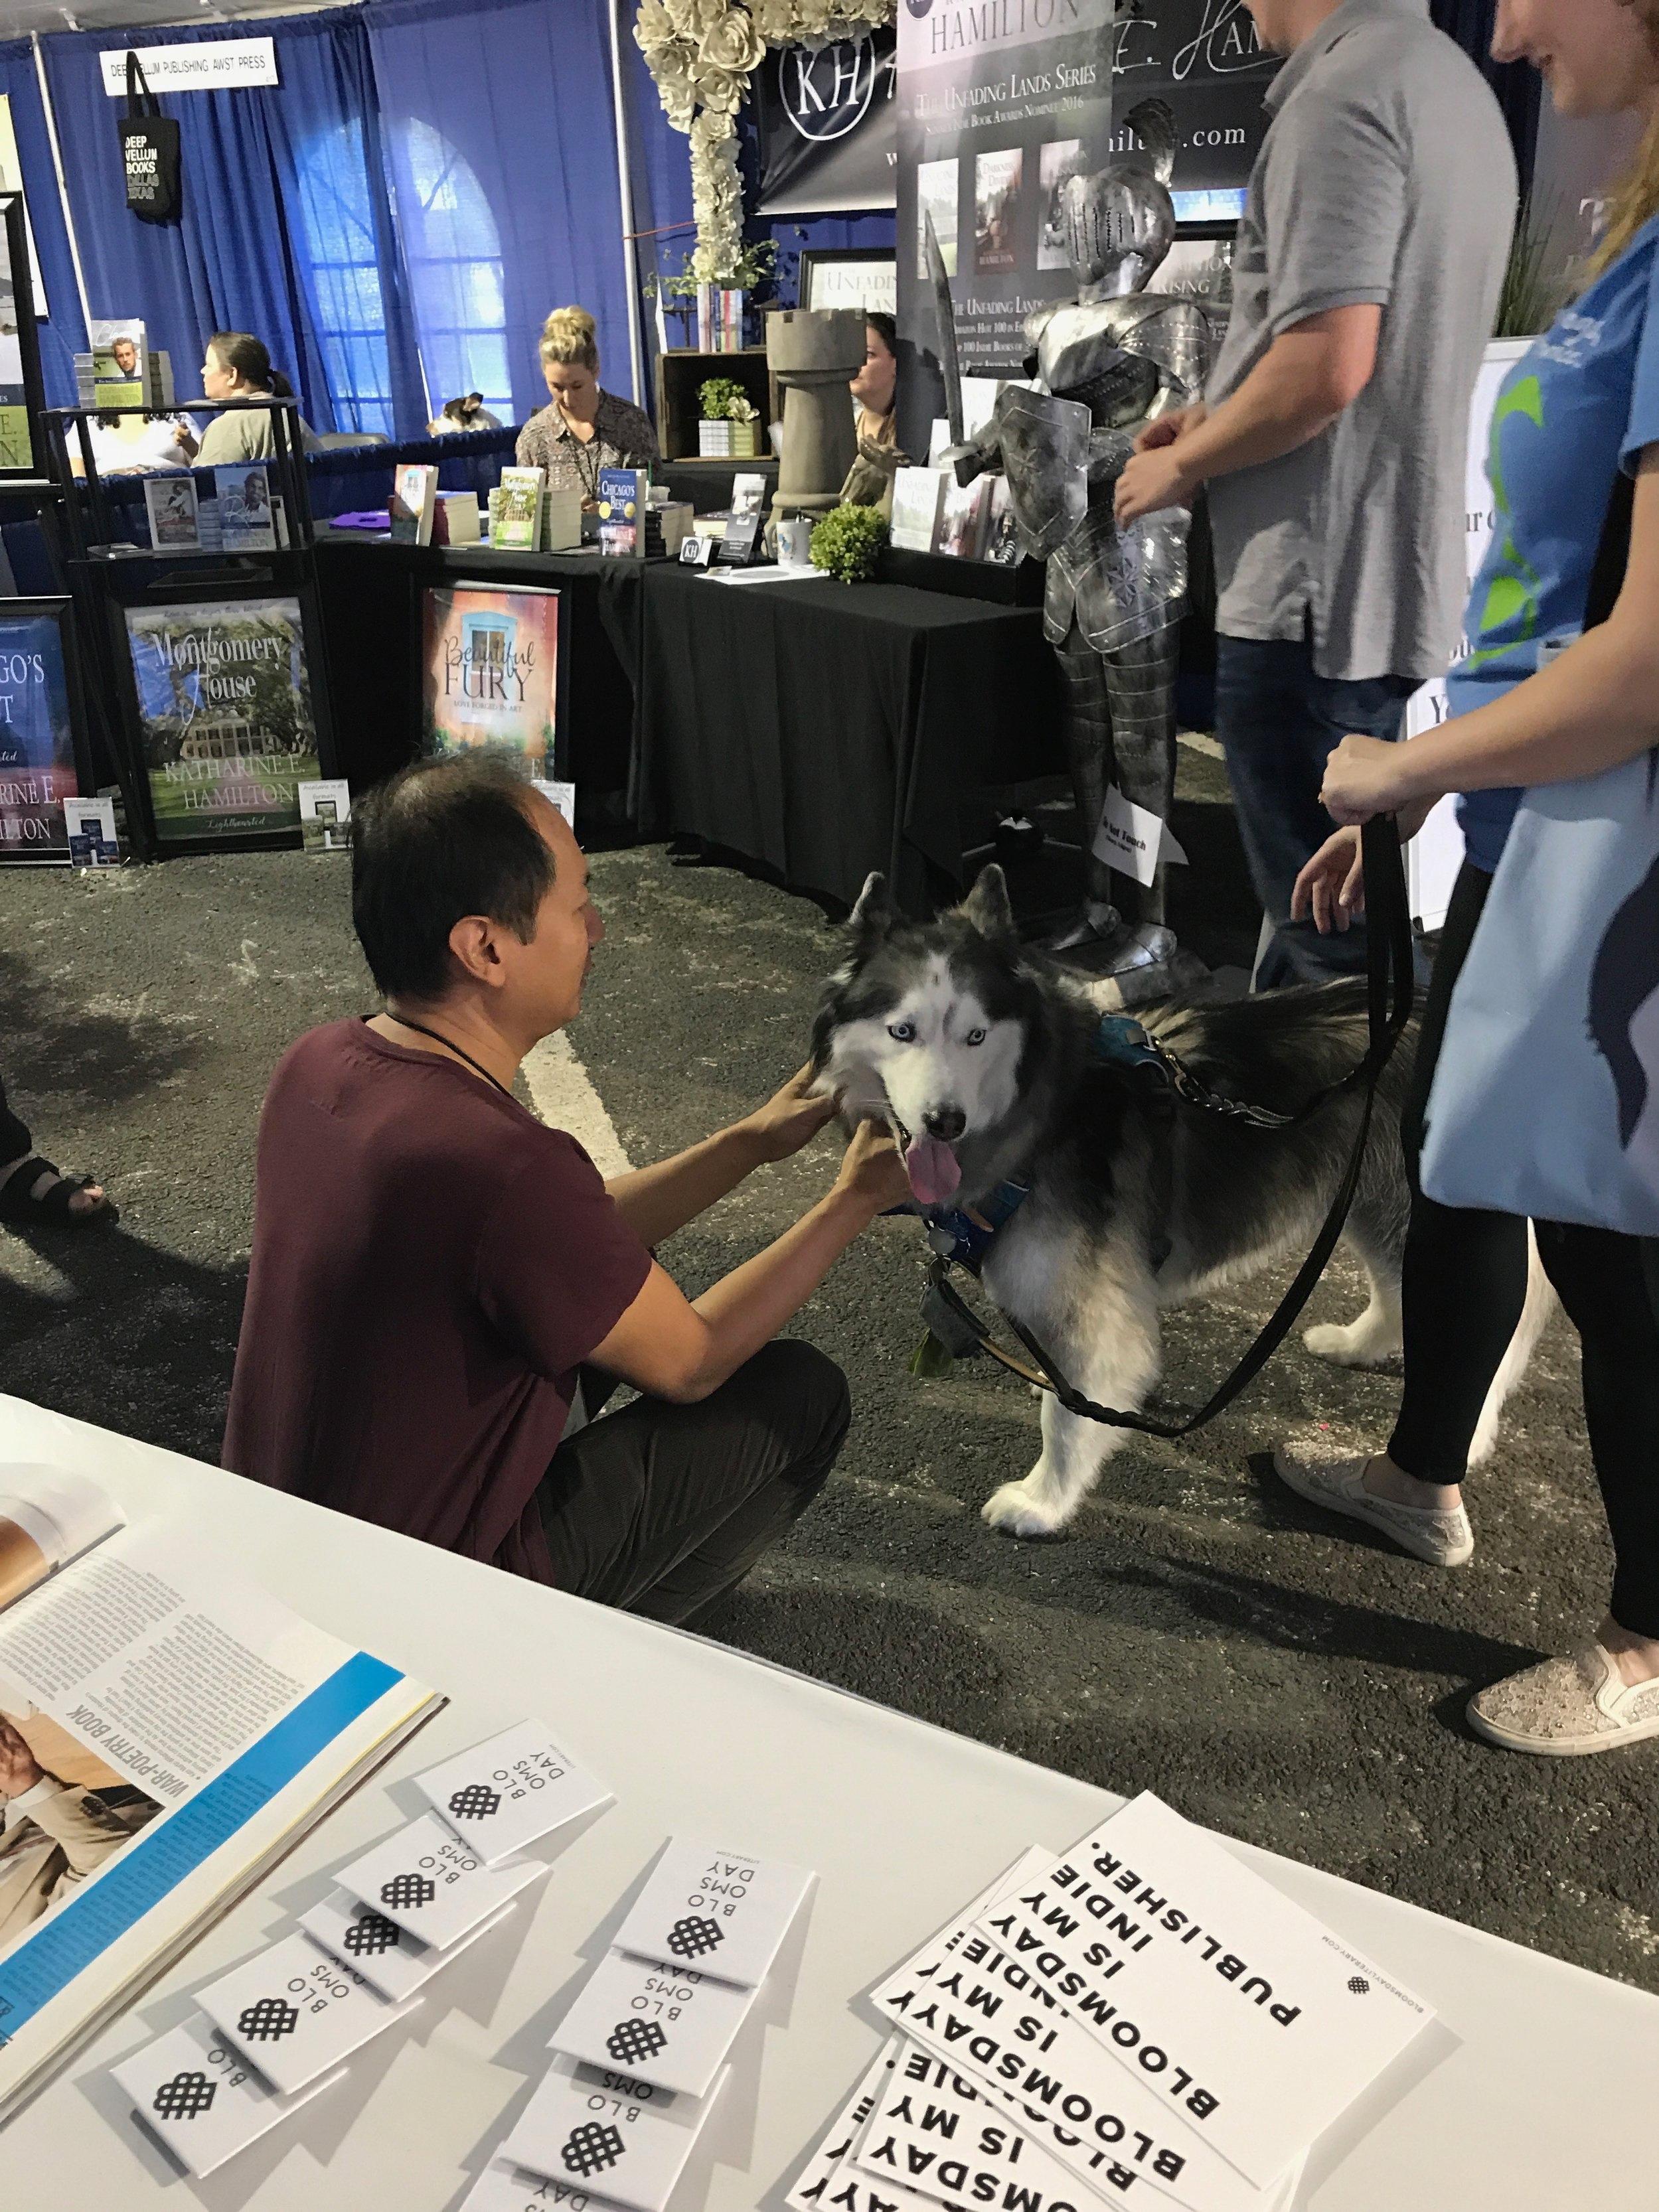 Phuc with dog